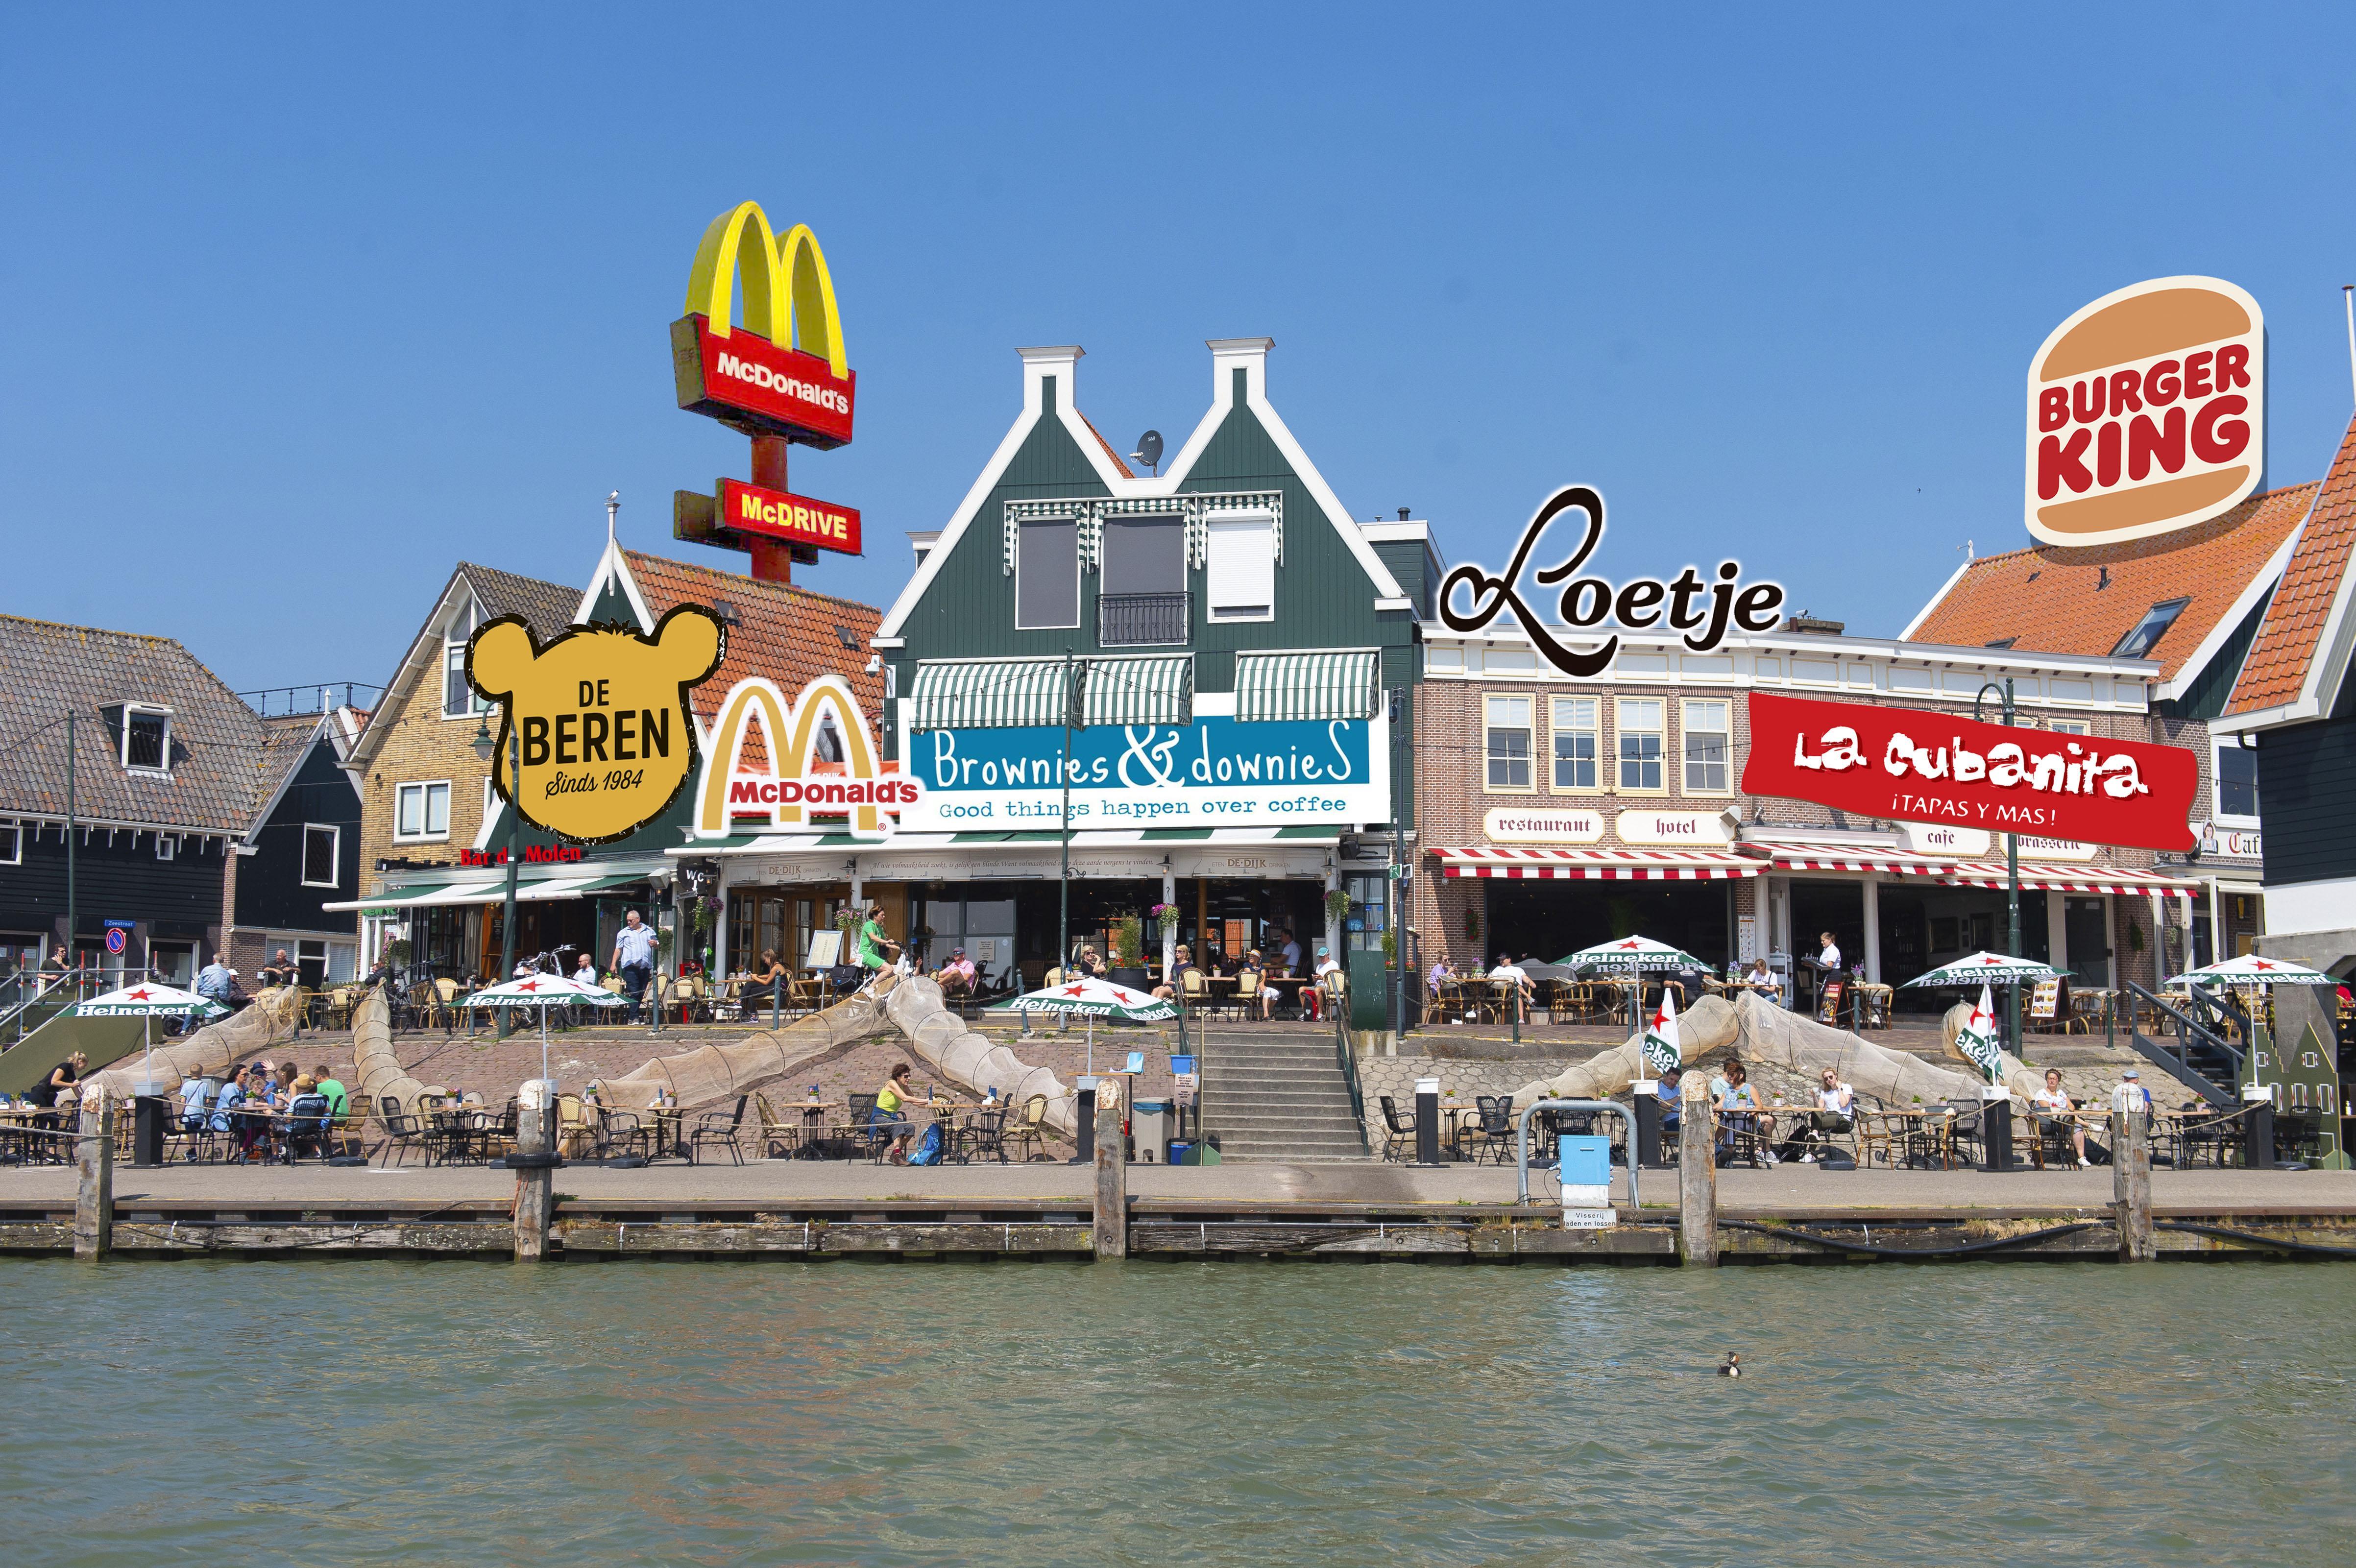 Een tapasbar, McDonald's of sterrentent: wat mist Volendam op de Dijk? 'Loetje. Daar zou ik direct gaan eten'